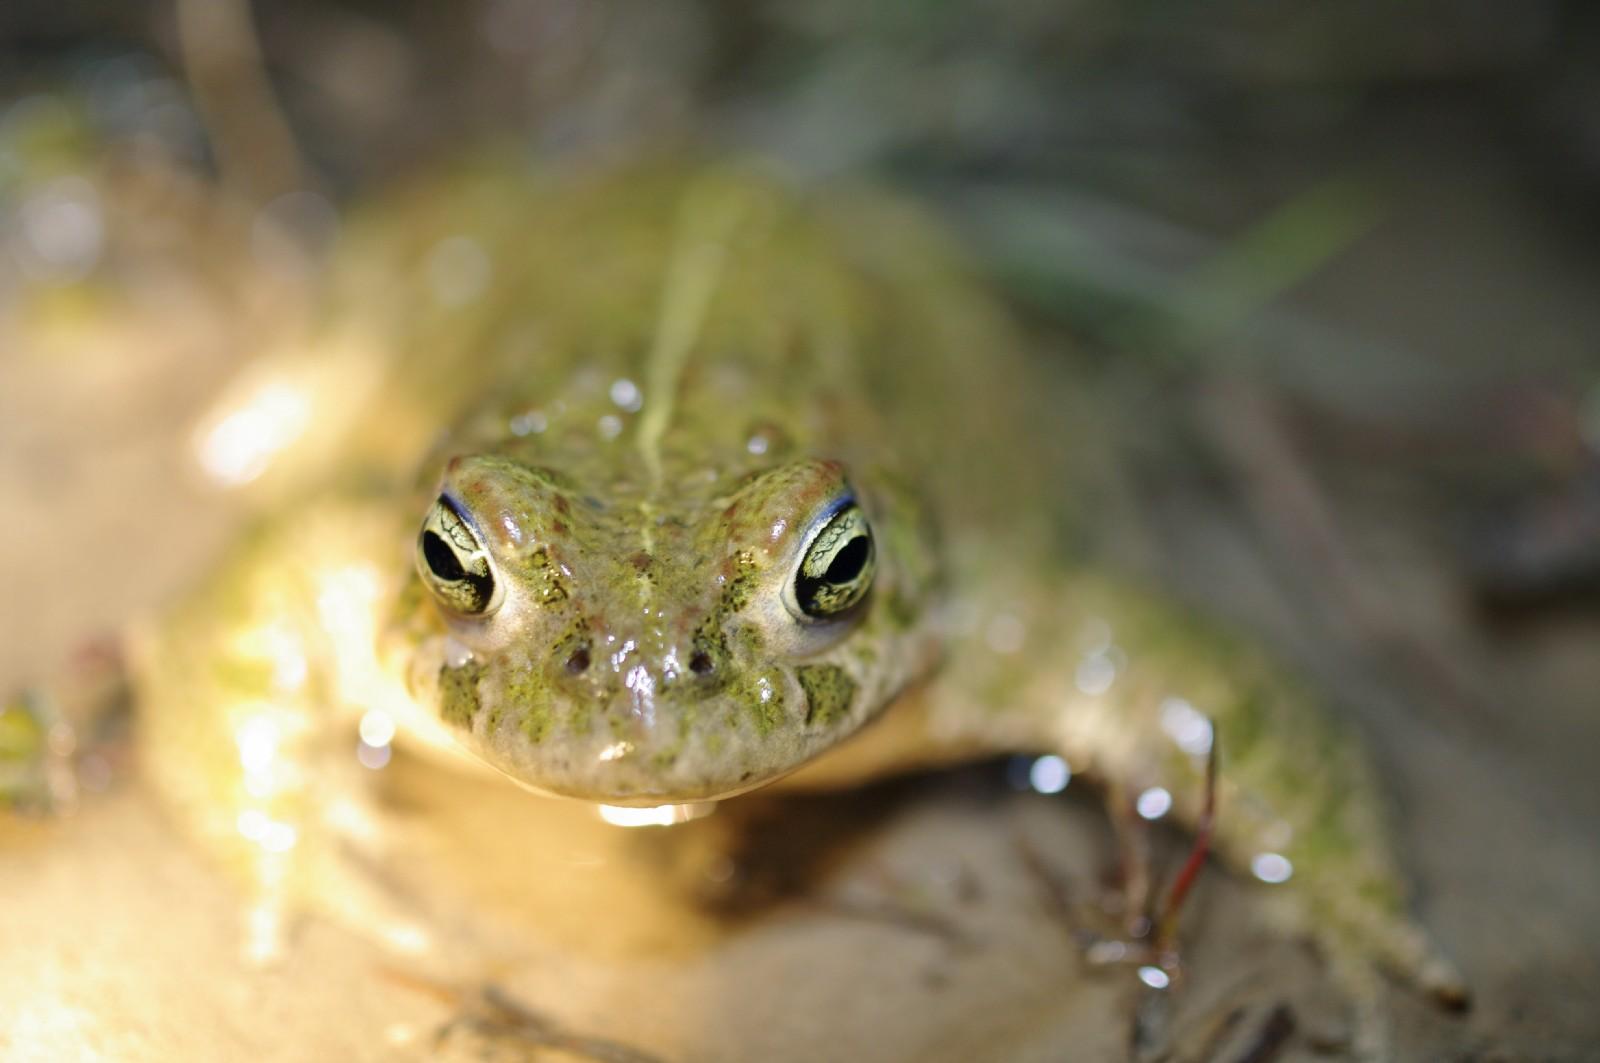 Crapauds et grenouilles des lavognes de Mejannes-le-Clap @ Méjannes le Clap